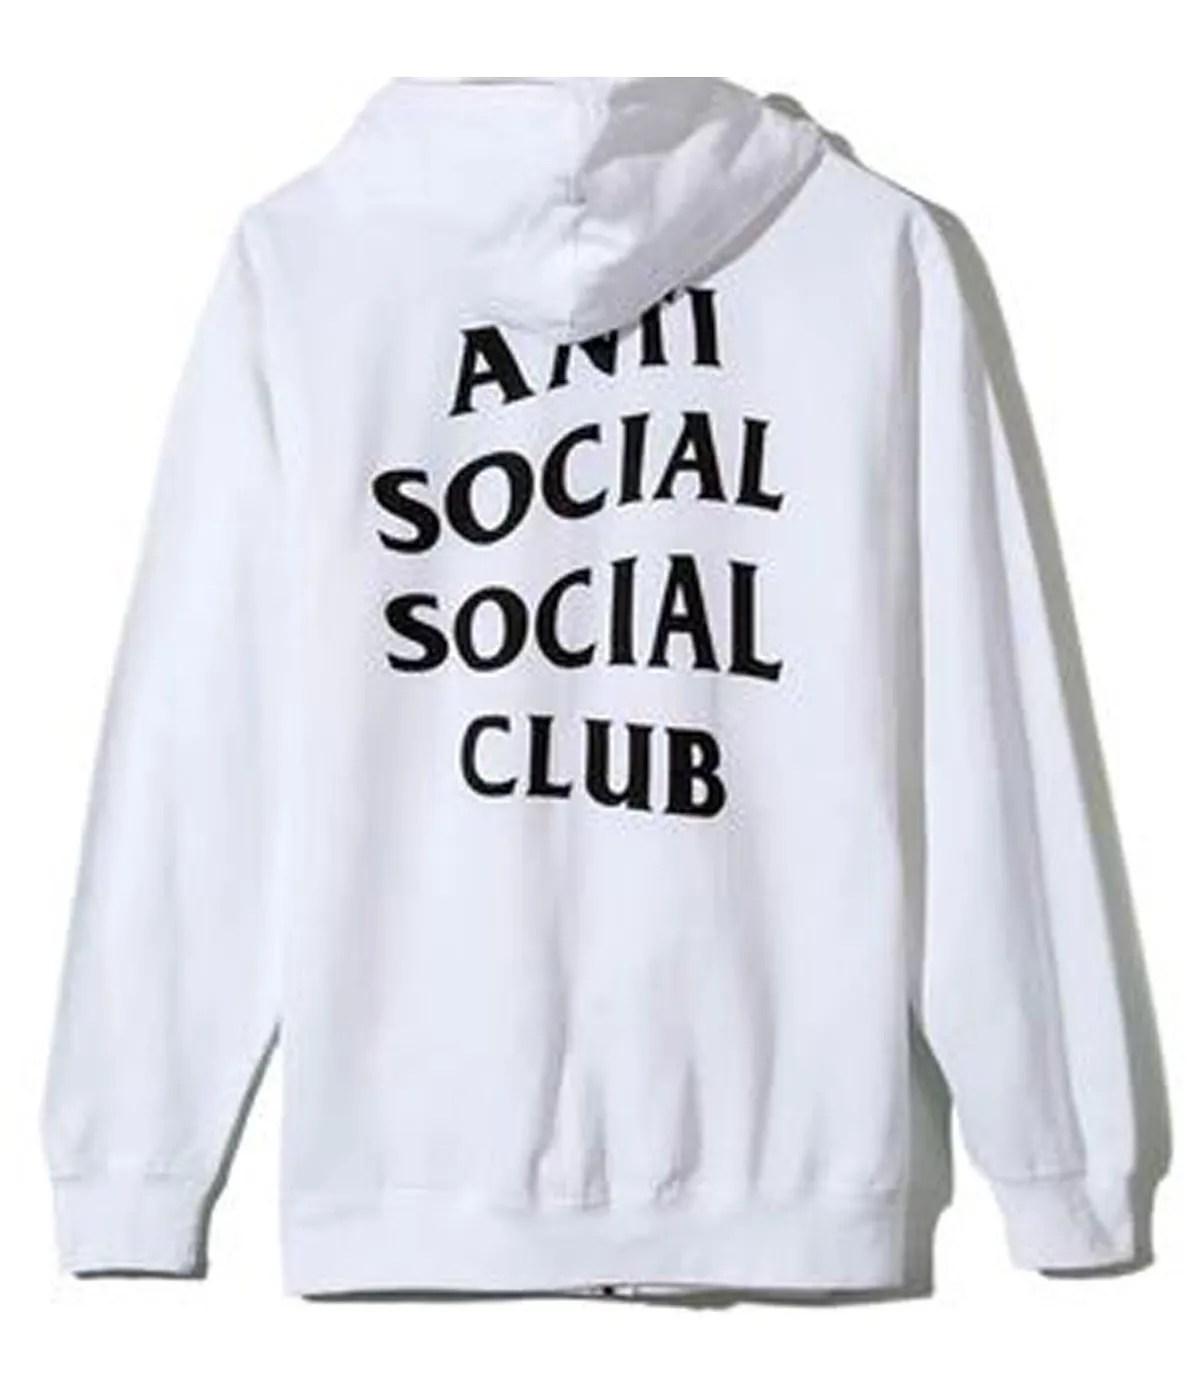 anti-social-social-club-zip-up-hoodie